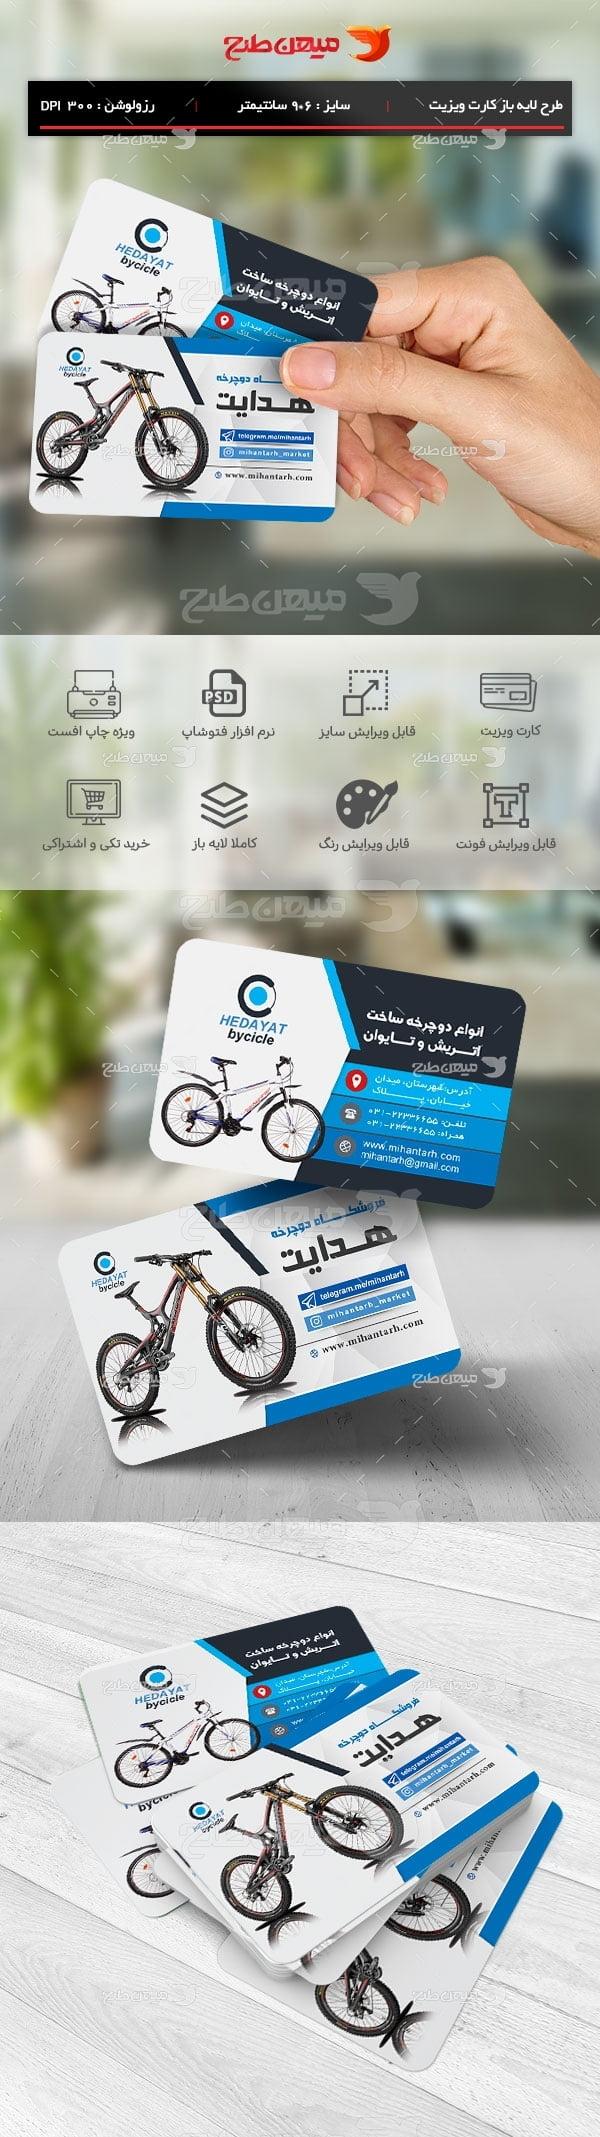 طرح لایه باز کارت ویزیت فروشگاه دوچرخه هدایت